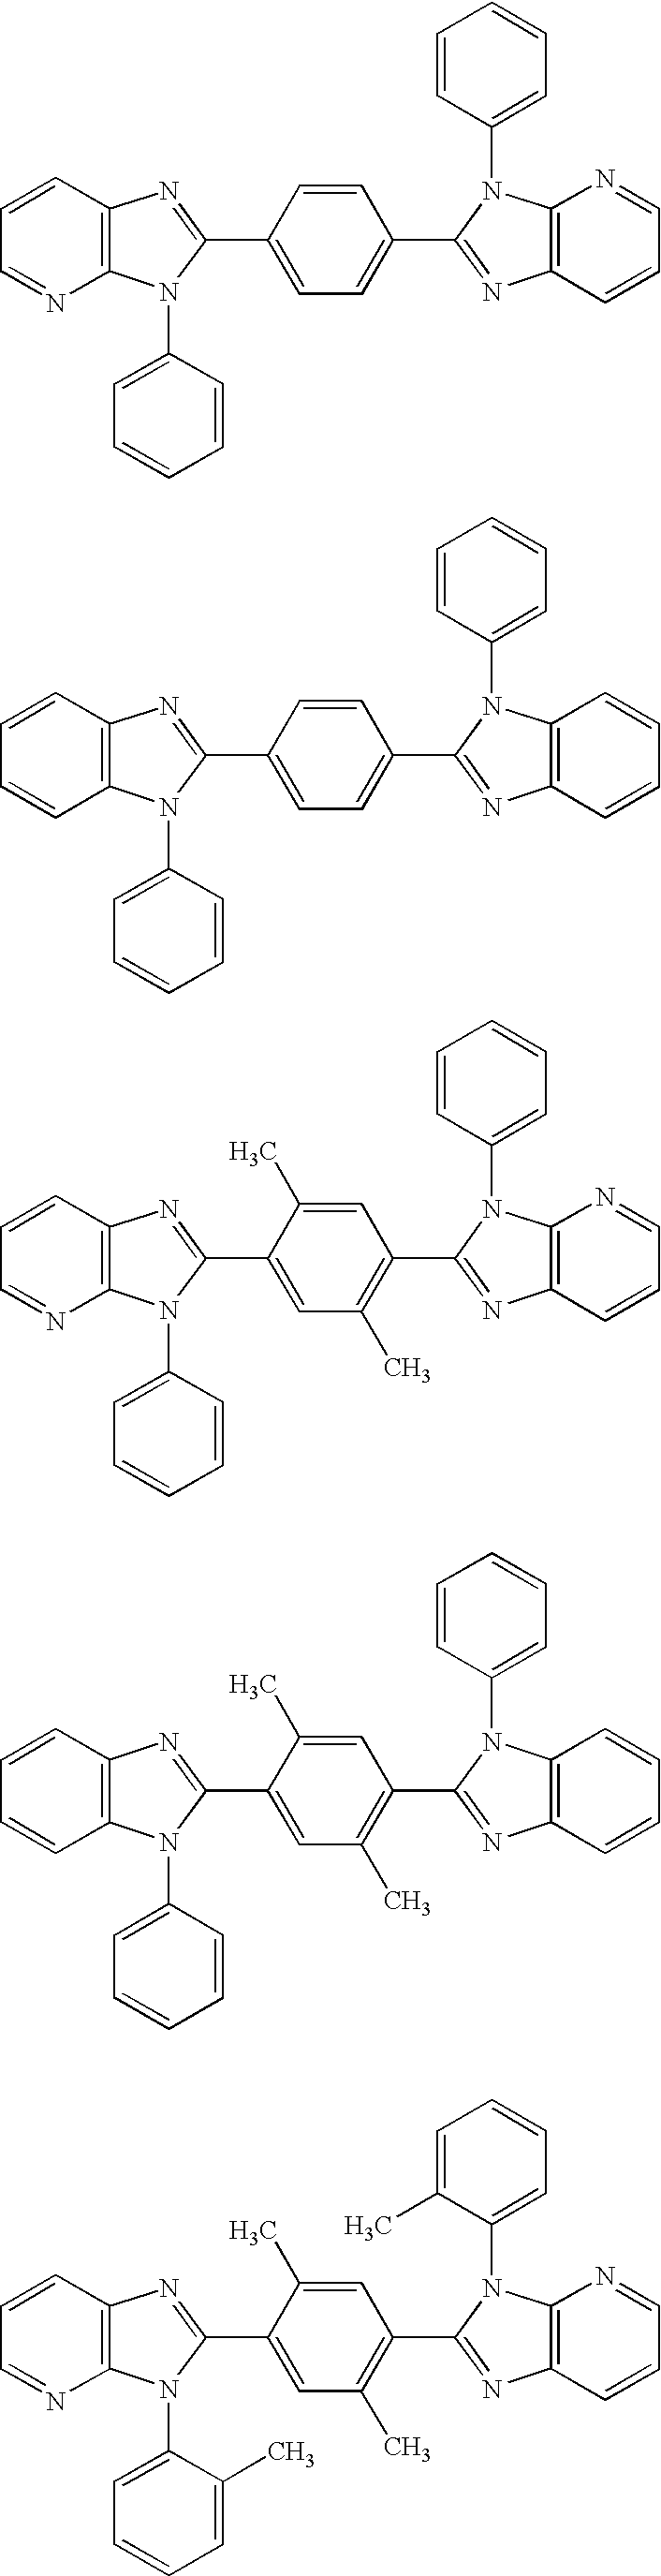 Figure US07608993-20091027-C00023